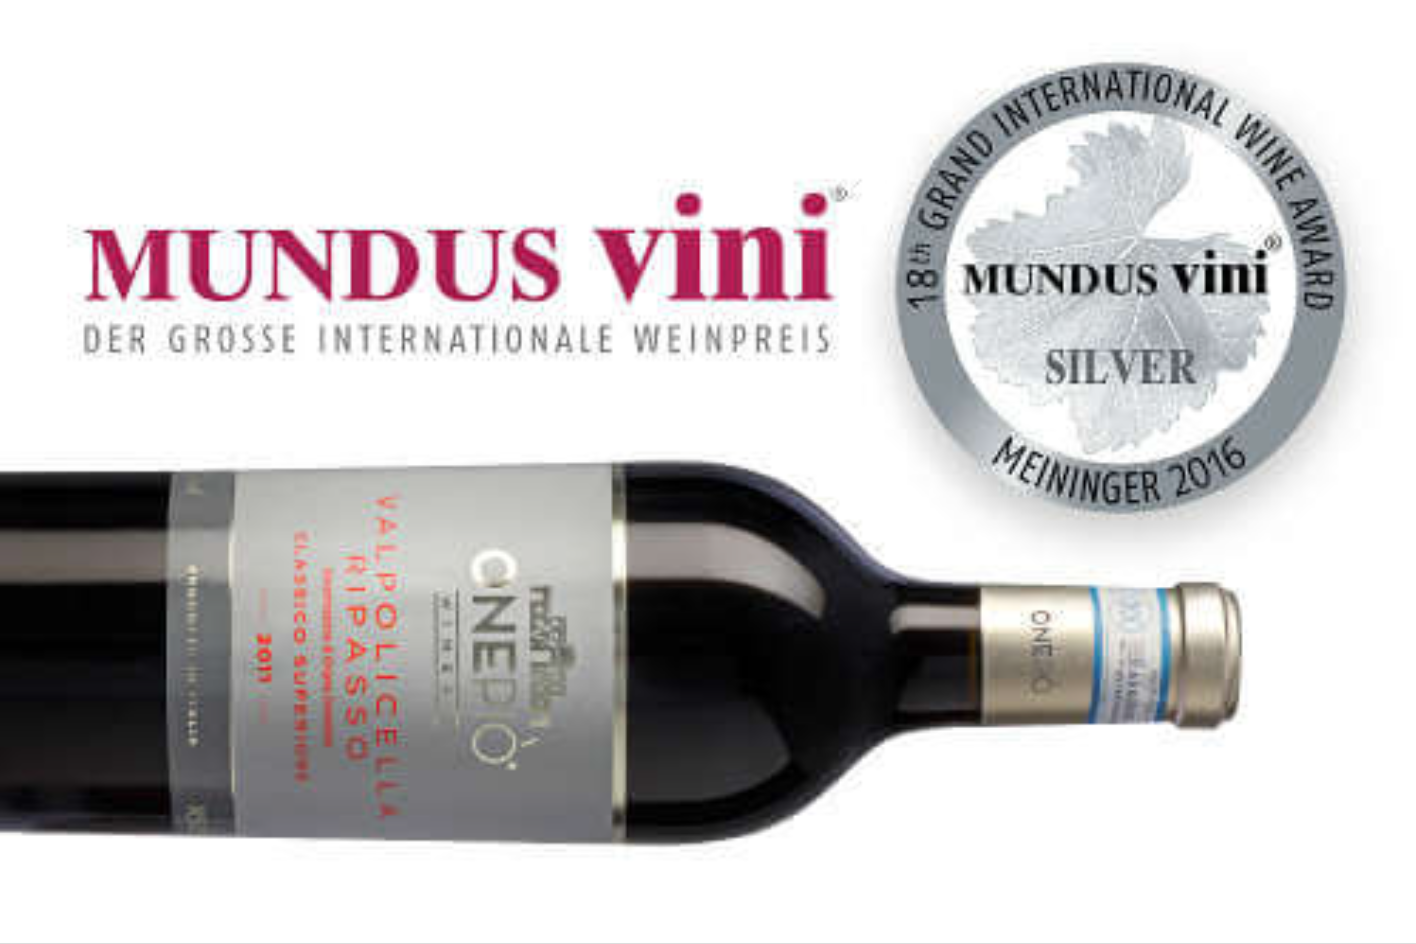 Mundus Vini 2016 - Silver medal Onepiò Valpolicella Ripasso Classico Superiore DOC 2011